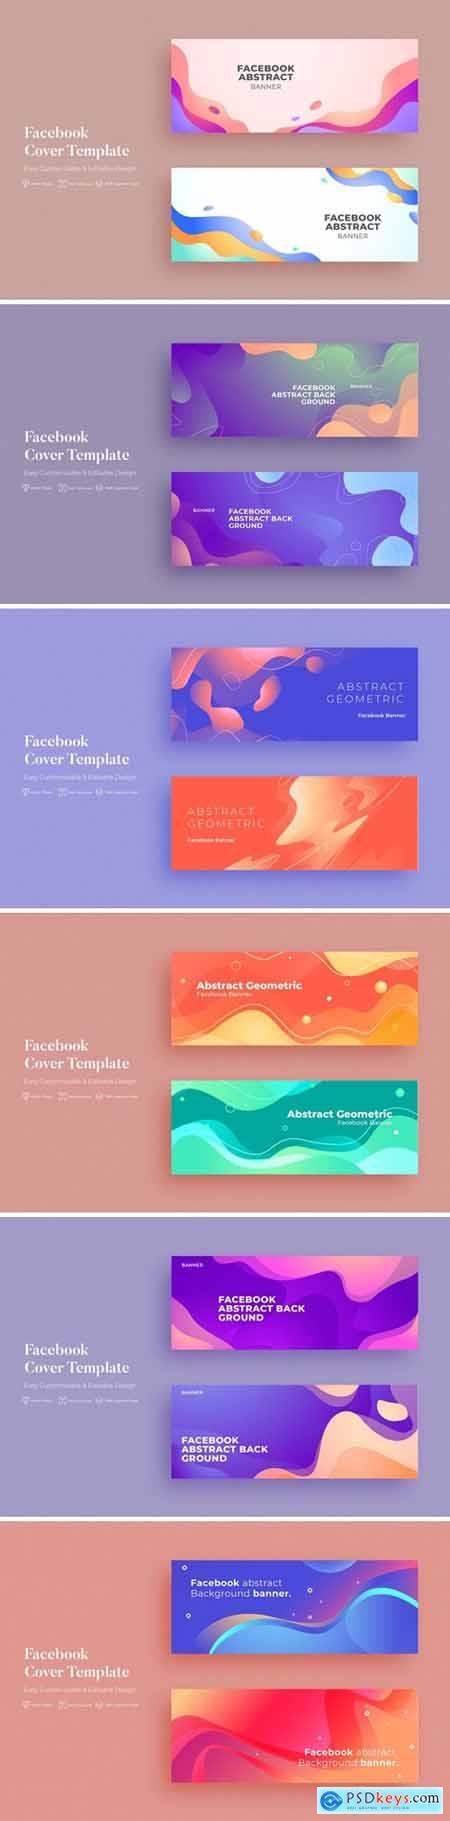 SRTP - Facebook Cover